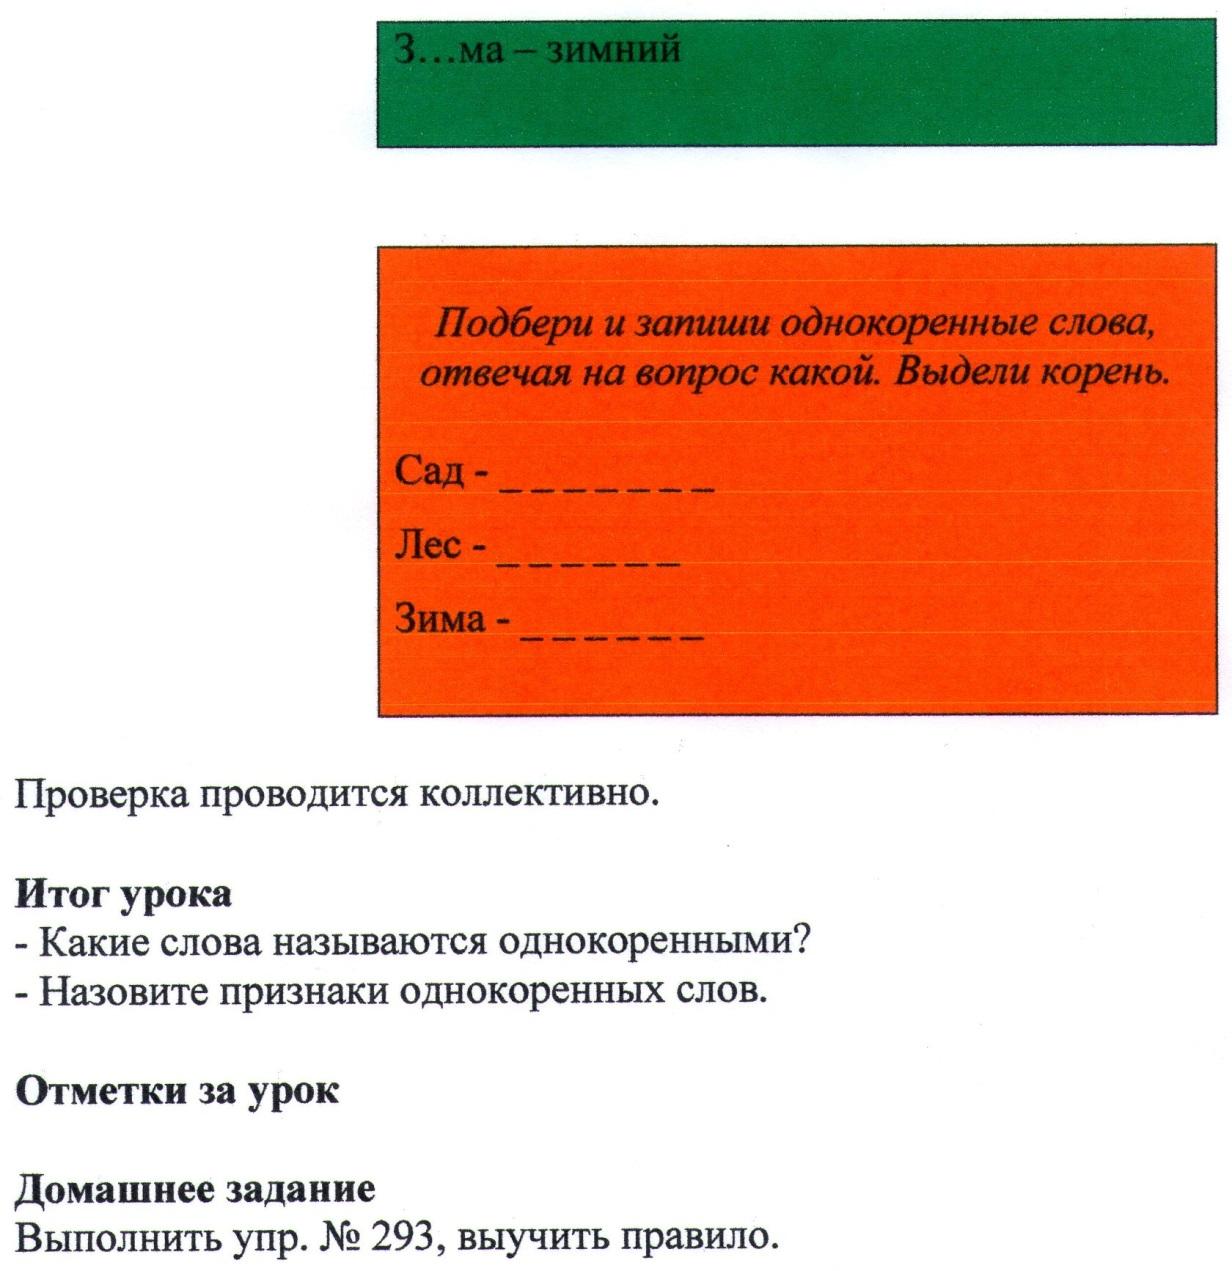 D:\курсы повышения квалификации\Галина\img231.jpg